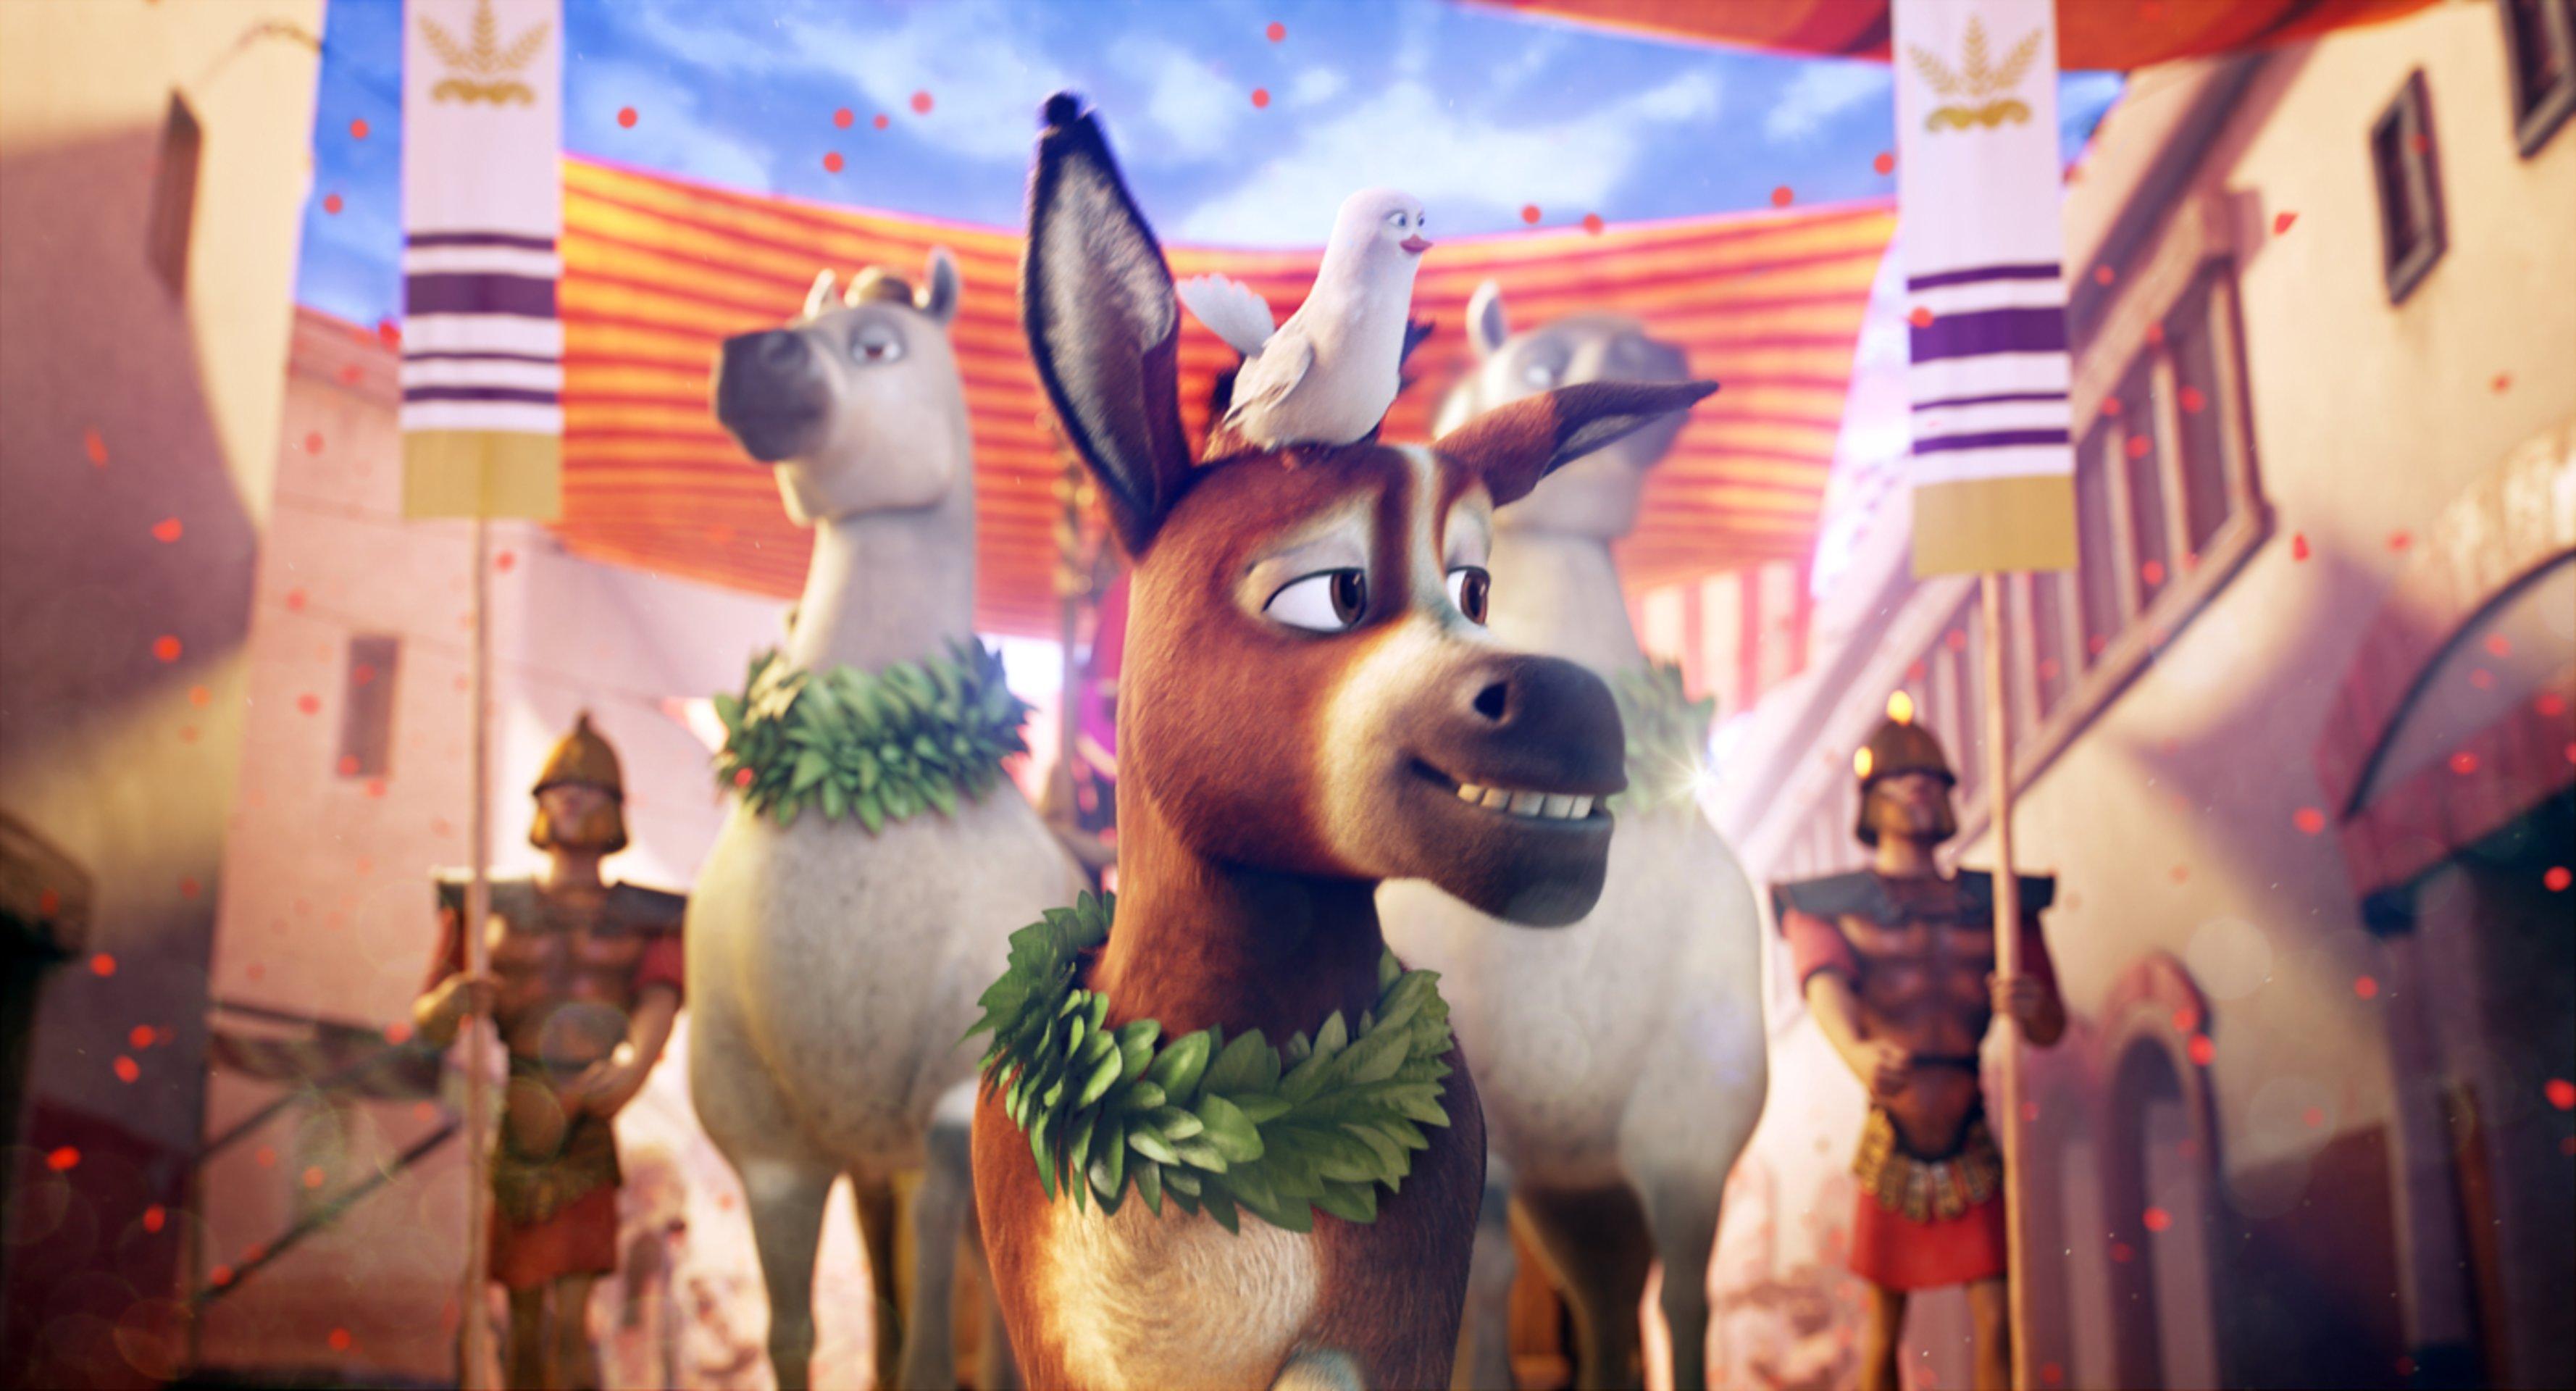 Watch Die Familie 2017 Online: Weihnachtsfilme 2017 Im Kino: Highlights Für Die Familie